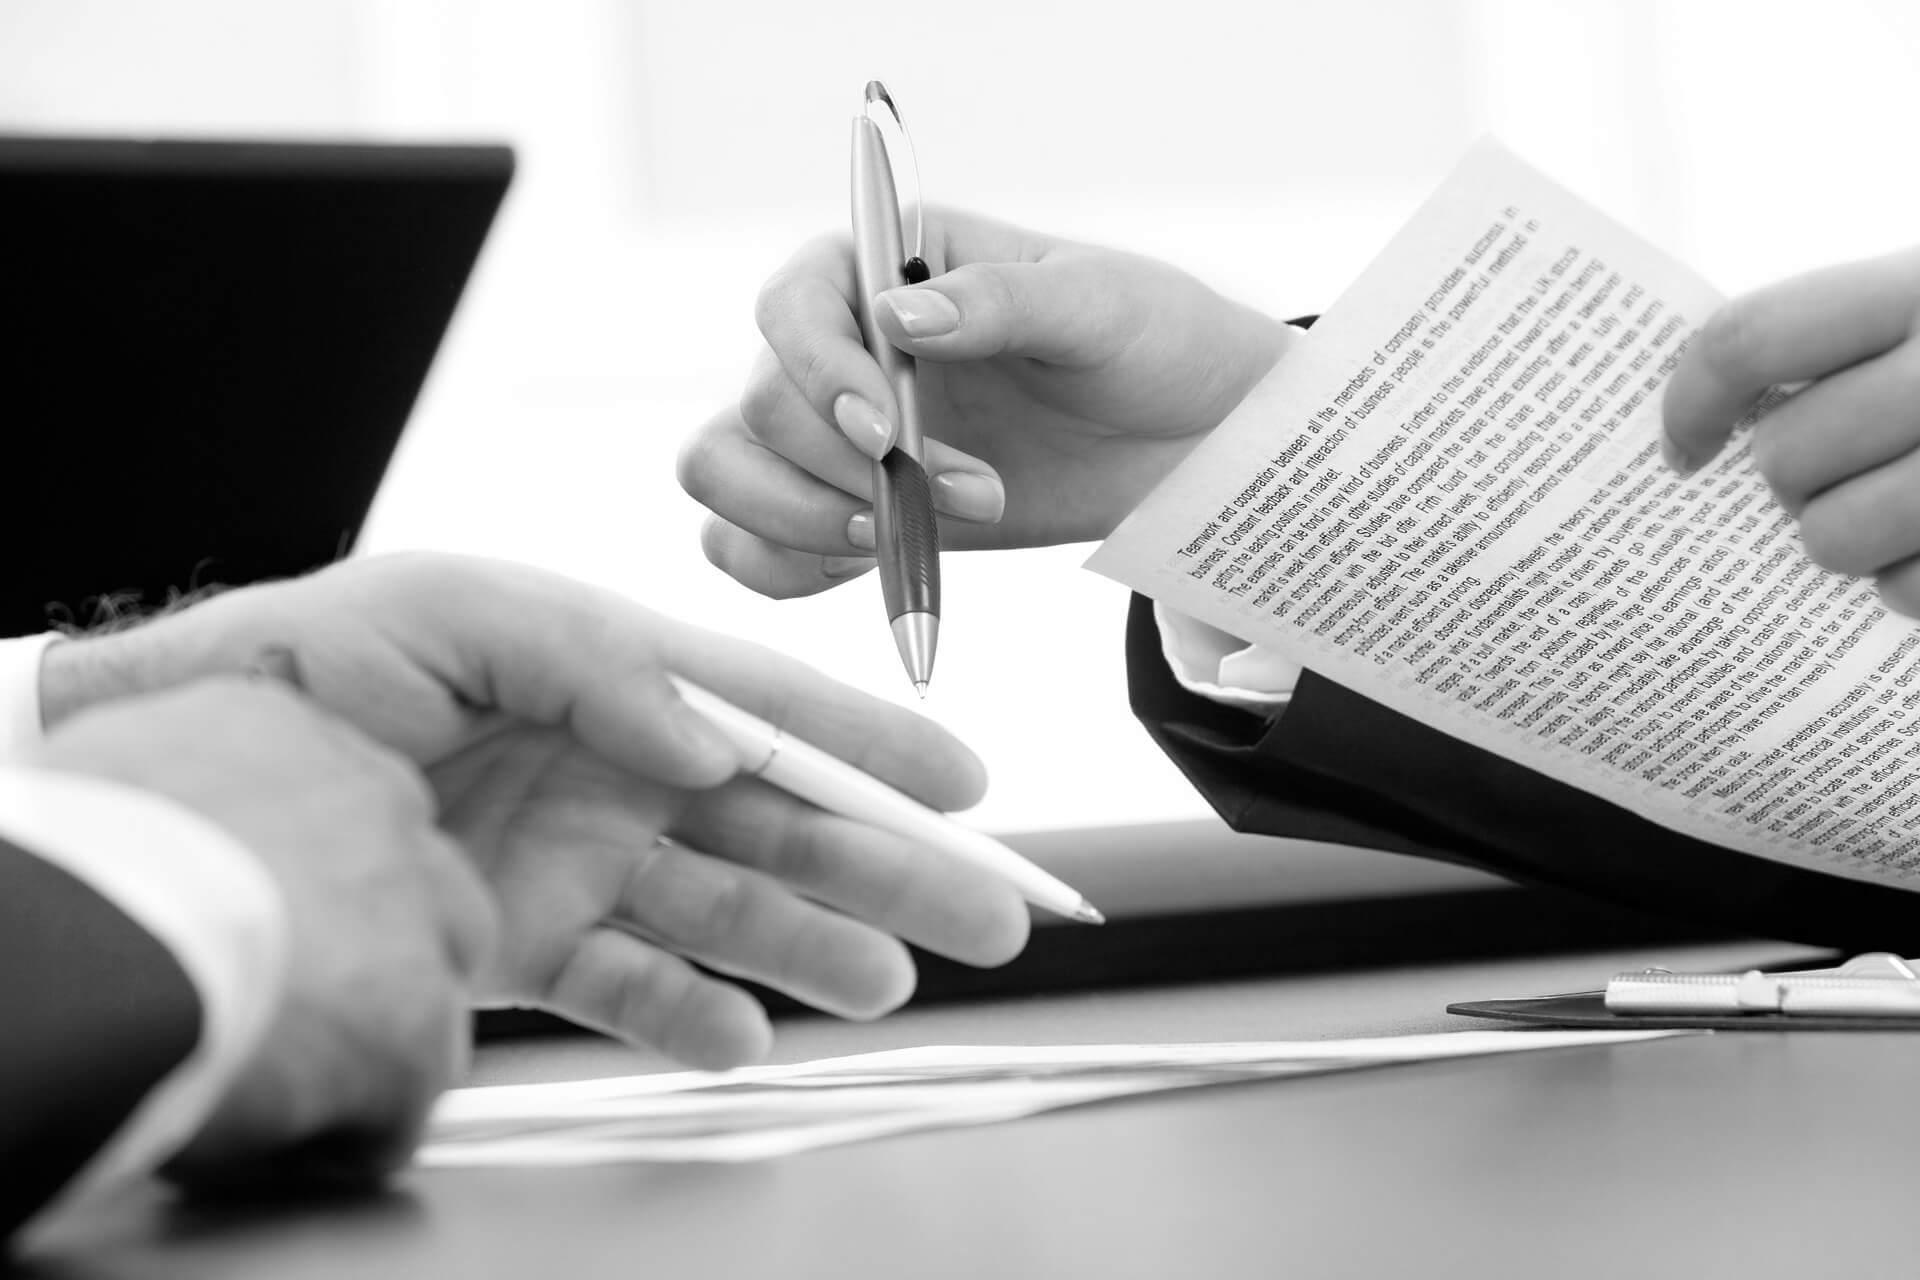 gastos hipoteca sentencia TJUE reclamar abogado